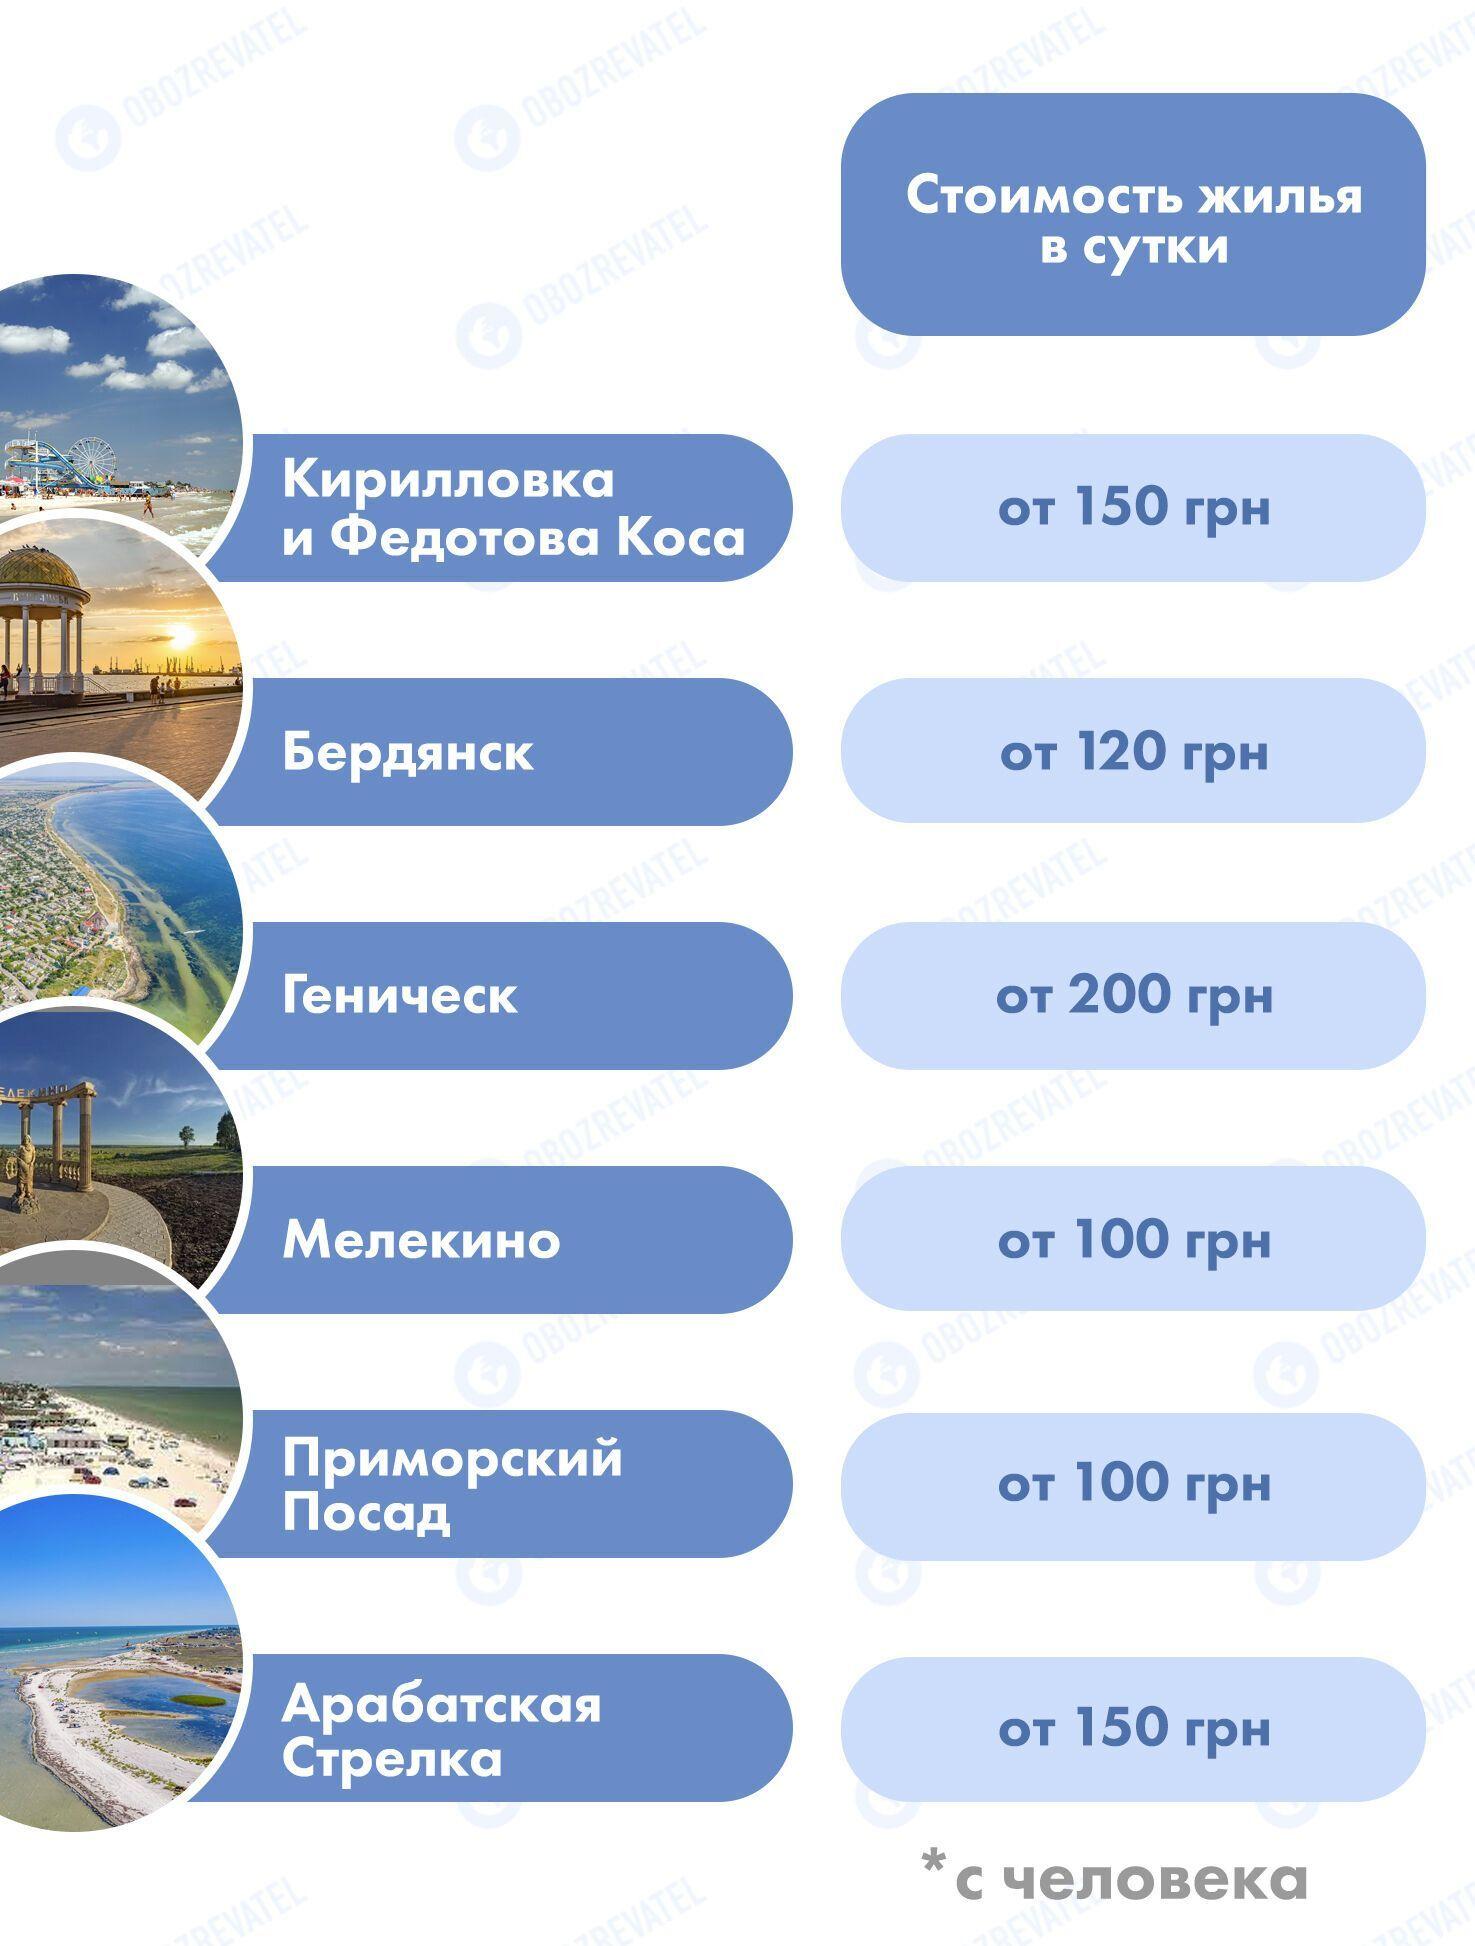 Отдых на курортах Азовского моря: где самые лучшие пляжи и какие цены на жилье. Инфографика